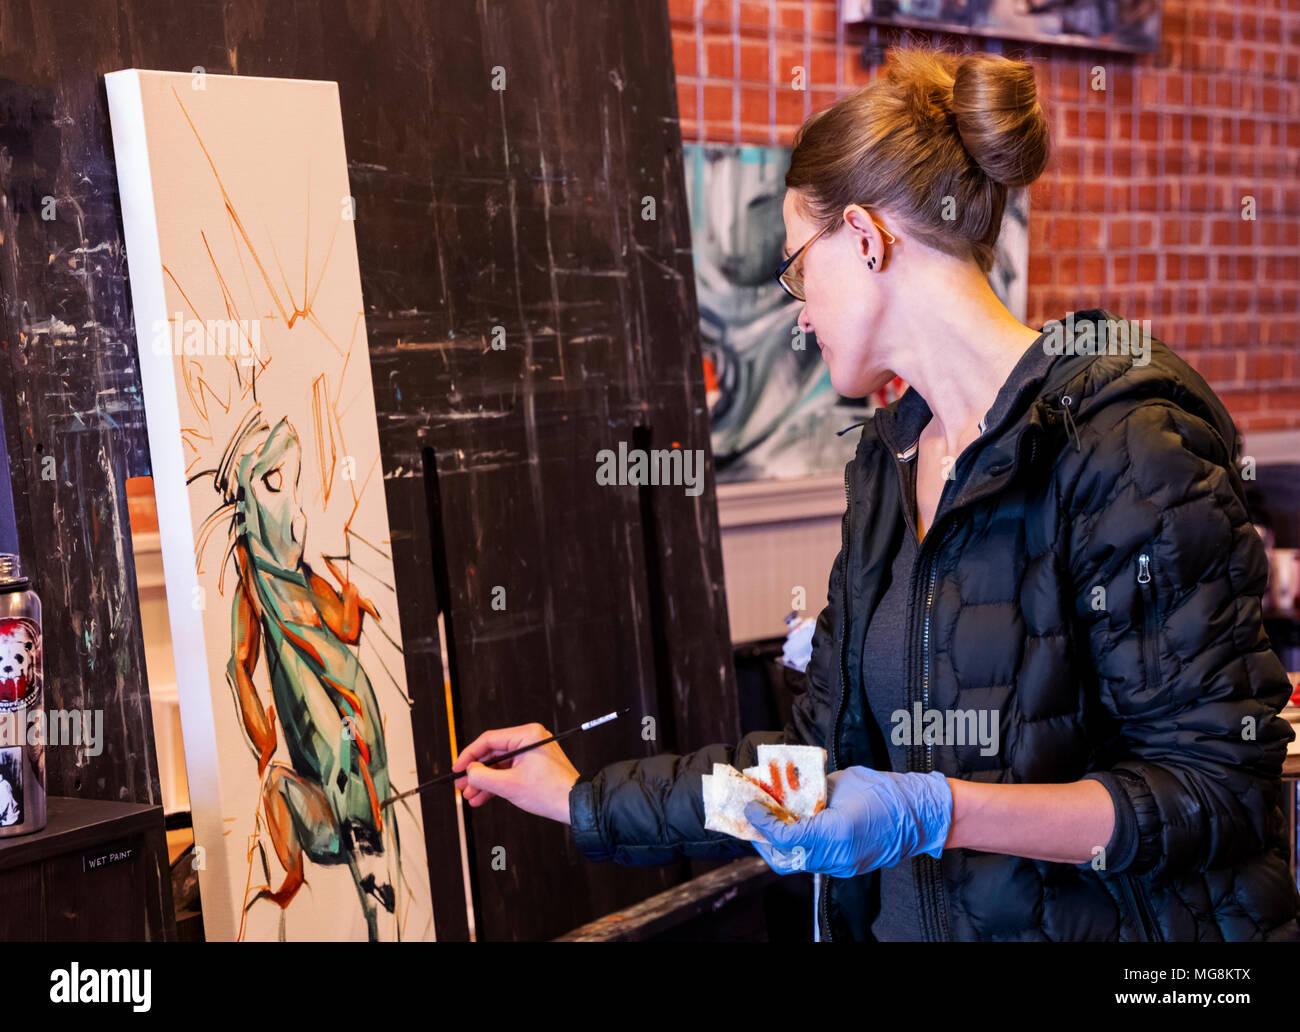 Artista Katie Maher creando un óleo en su galería; Salida, Colorado, EE.UU. Foto de stock